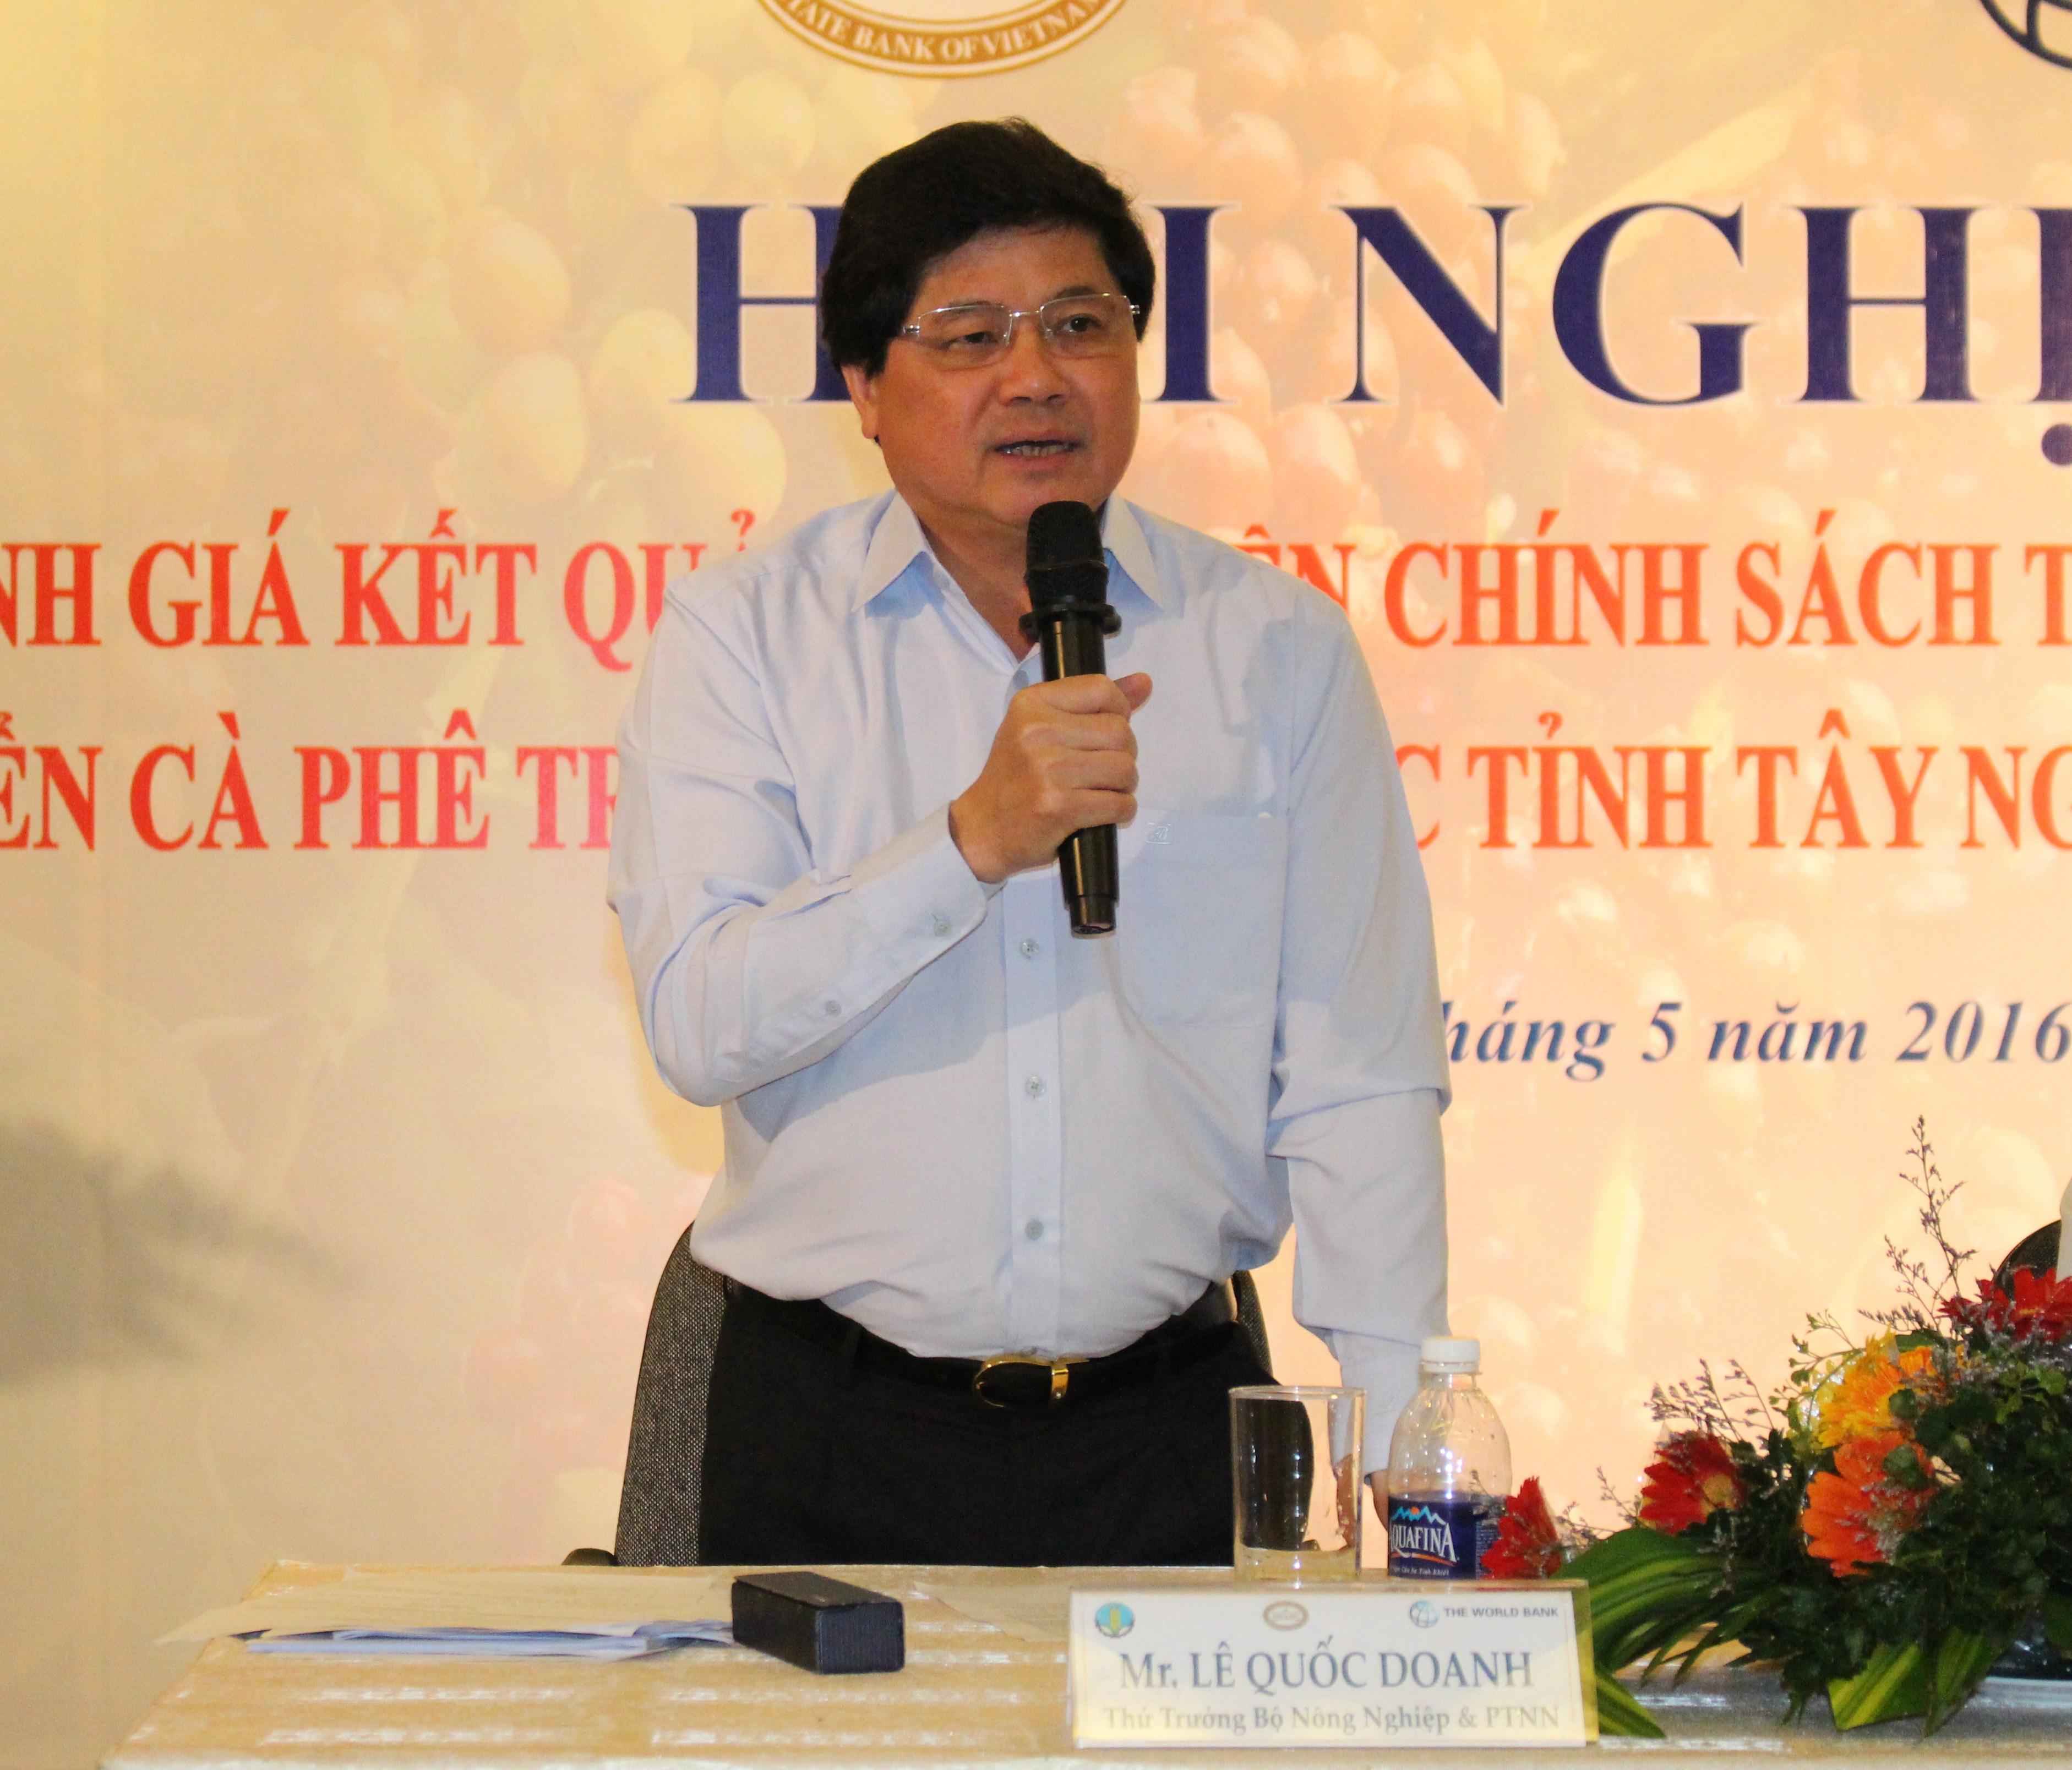 Đề xuất giải pháp tháo gỡ khó khăn trong đầu tư tín dụng và cho vay tái canh cà phê tại các tỉnh Tây Nguyên và Đông Nam Bộ.